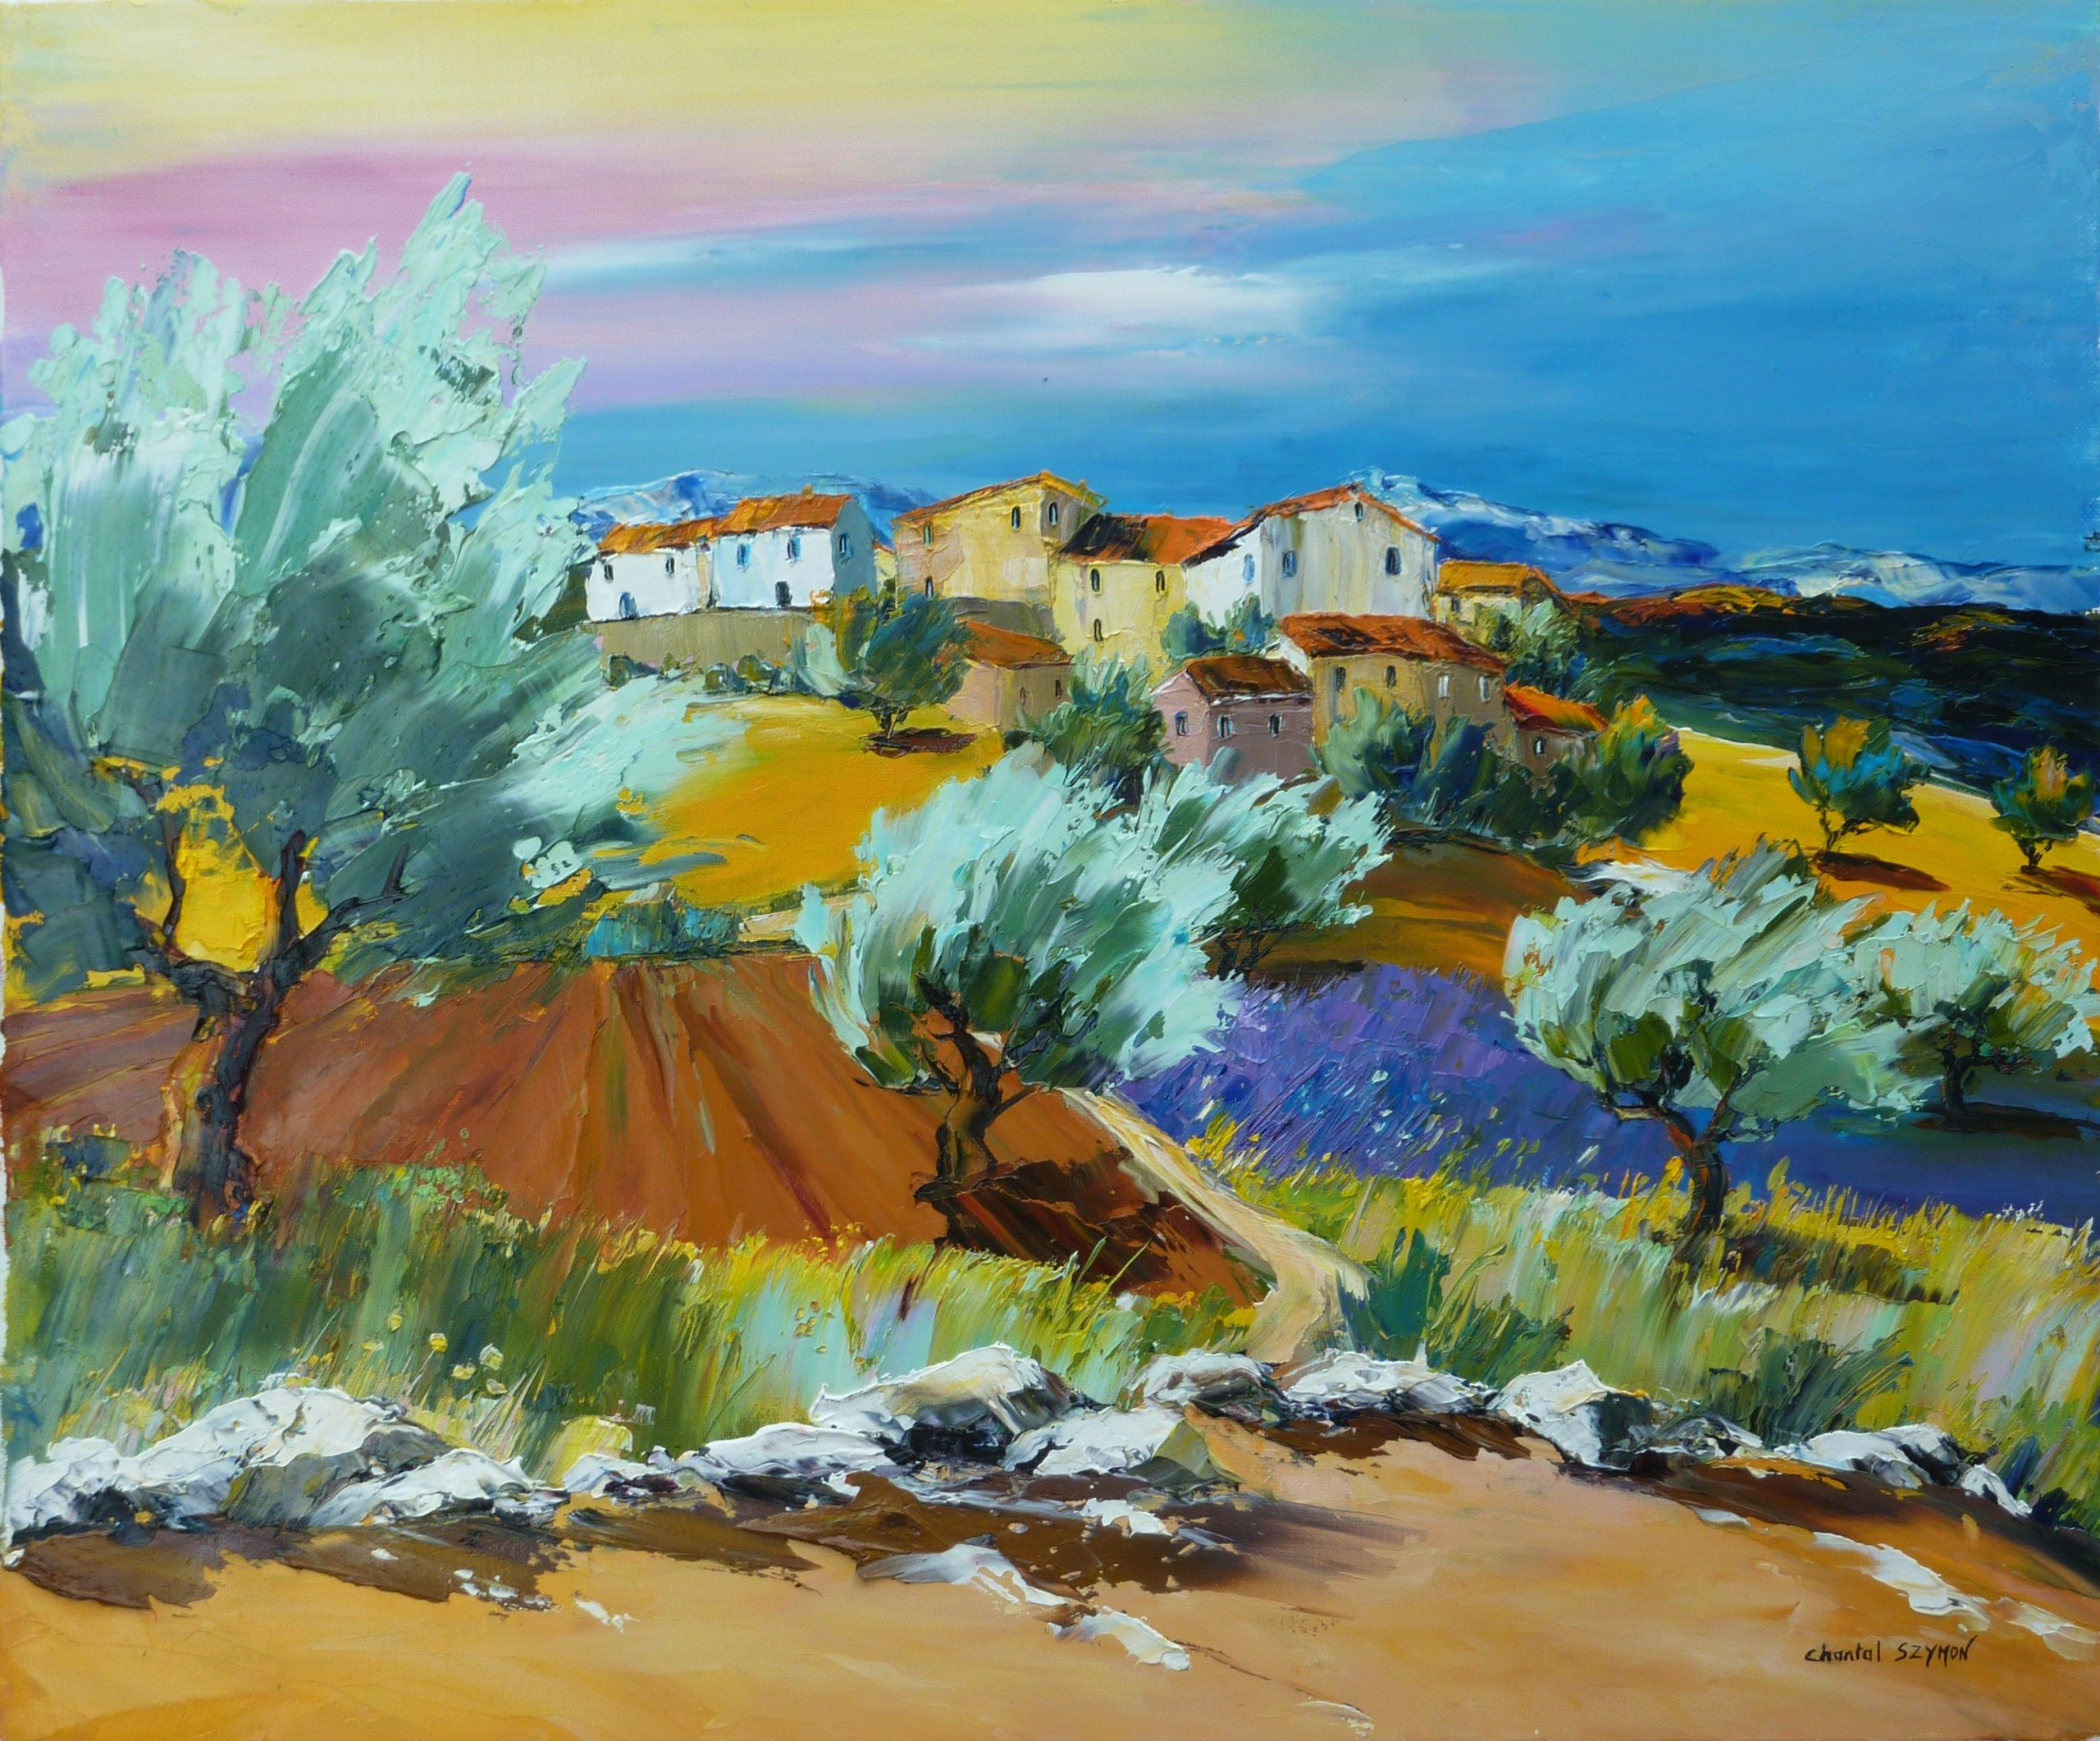 oliviers vent provence tableau de provence paysage de provence peinture de provence chantal szymoniak artiste peintre francais peinture au couteaue